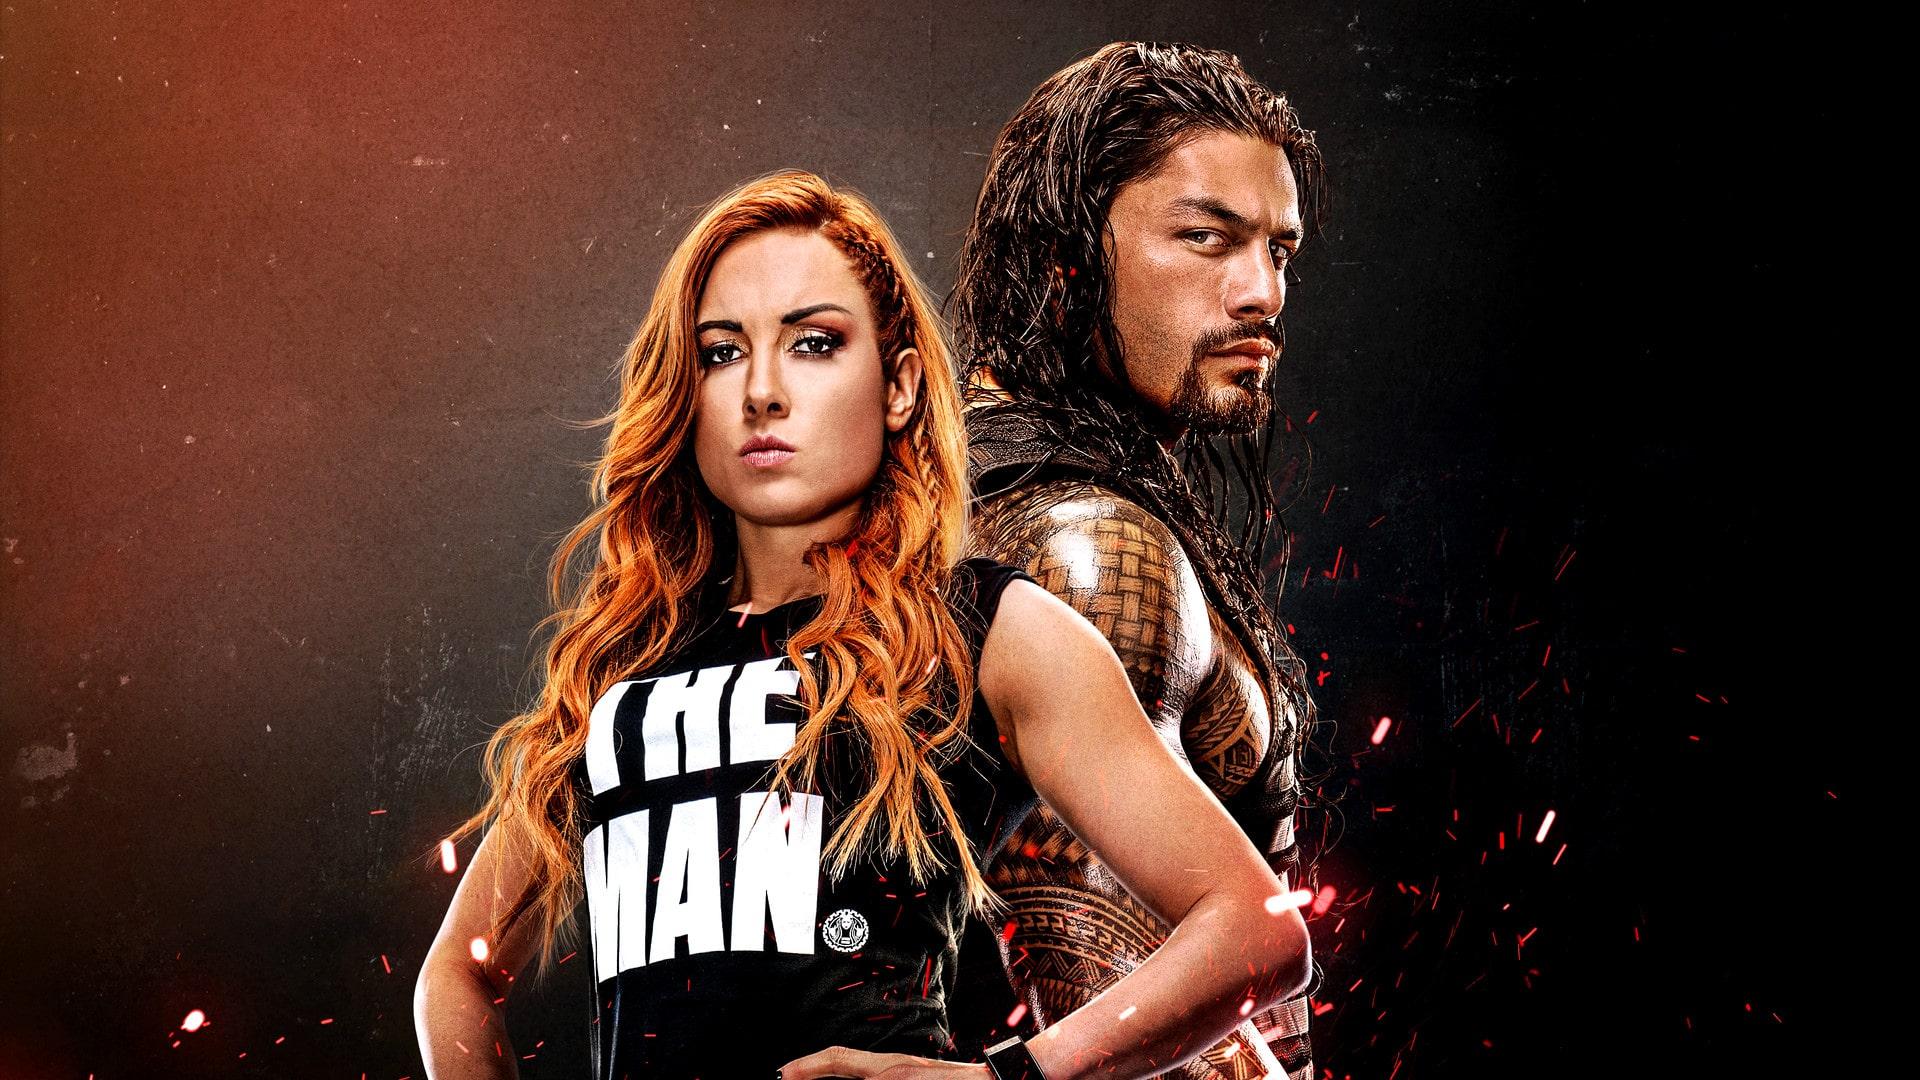 خرید دی ال سی WWE 2K20 اسکرین شات 1